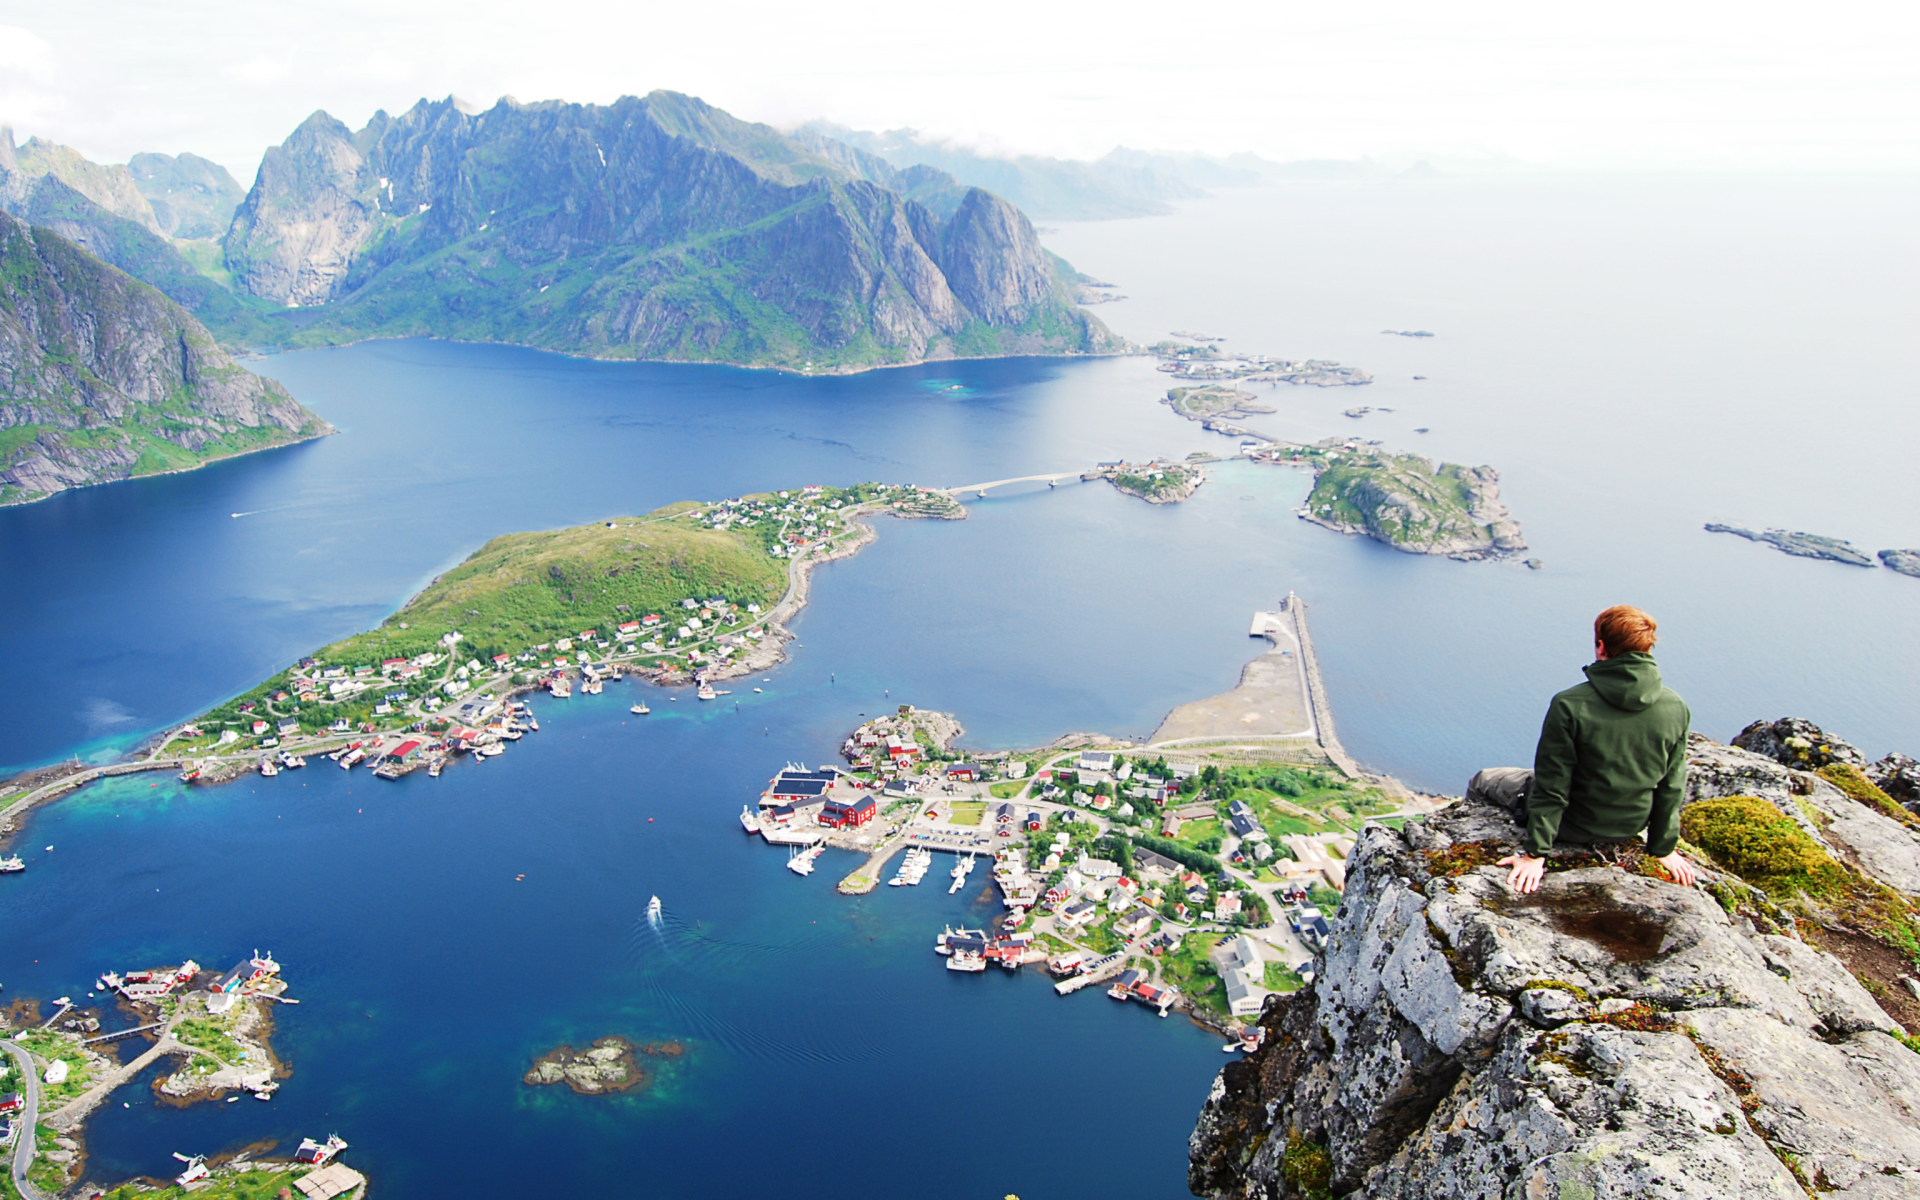 Norway Lofoten Islands Wallpaper For Widescreen Desktop Pc